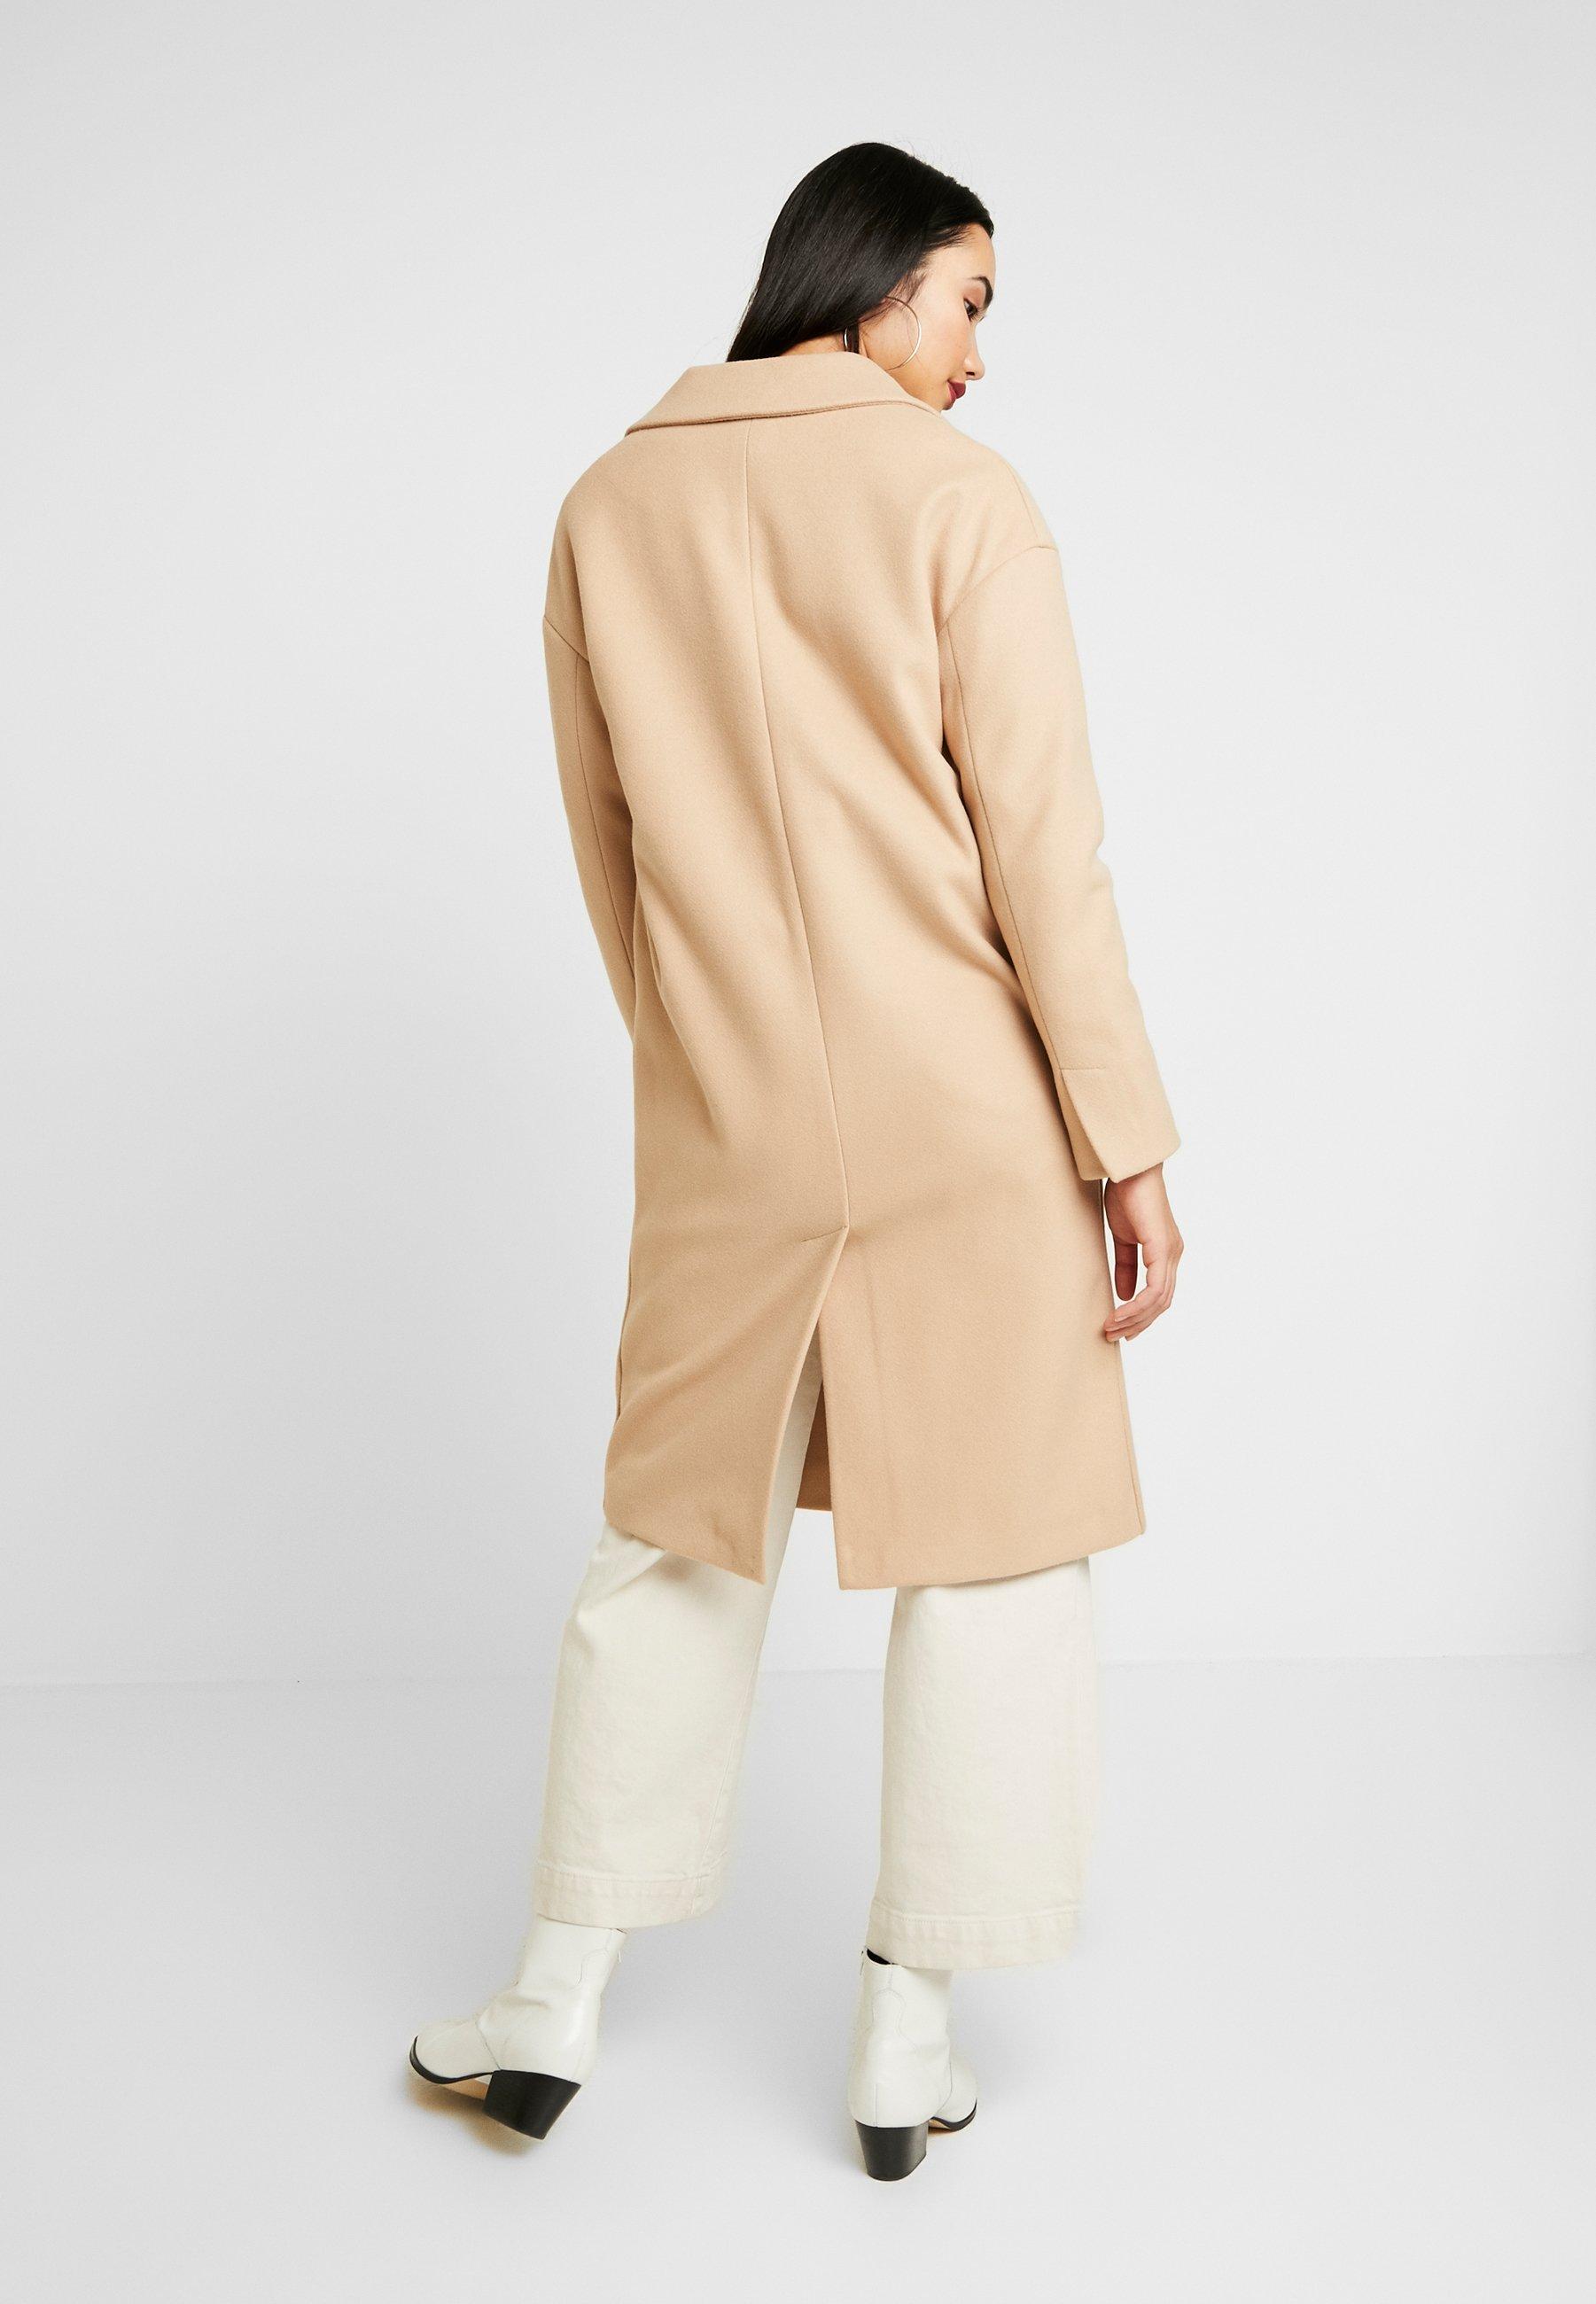 Topshop CISSIE - Wollmantel/klassischer Mantel camel